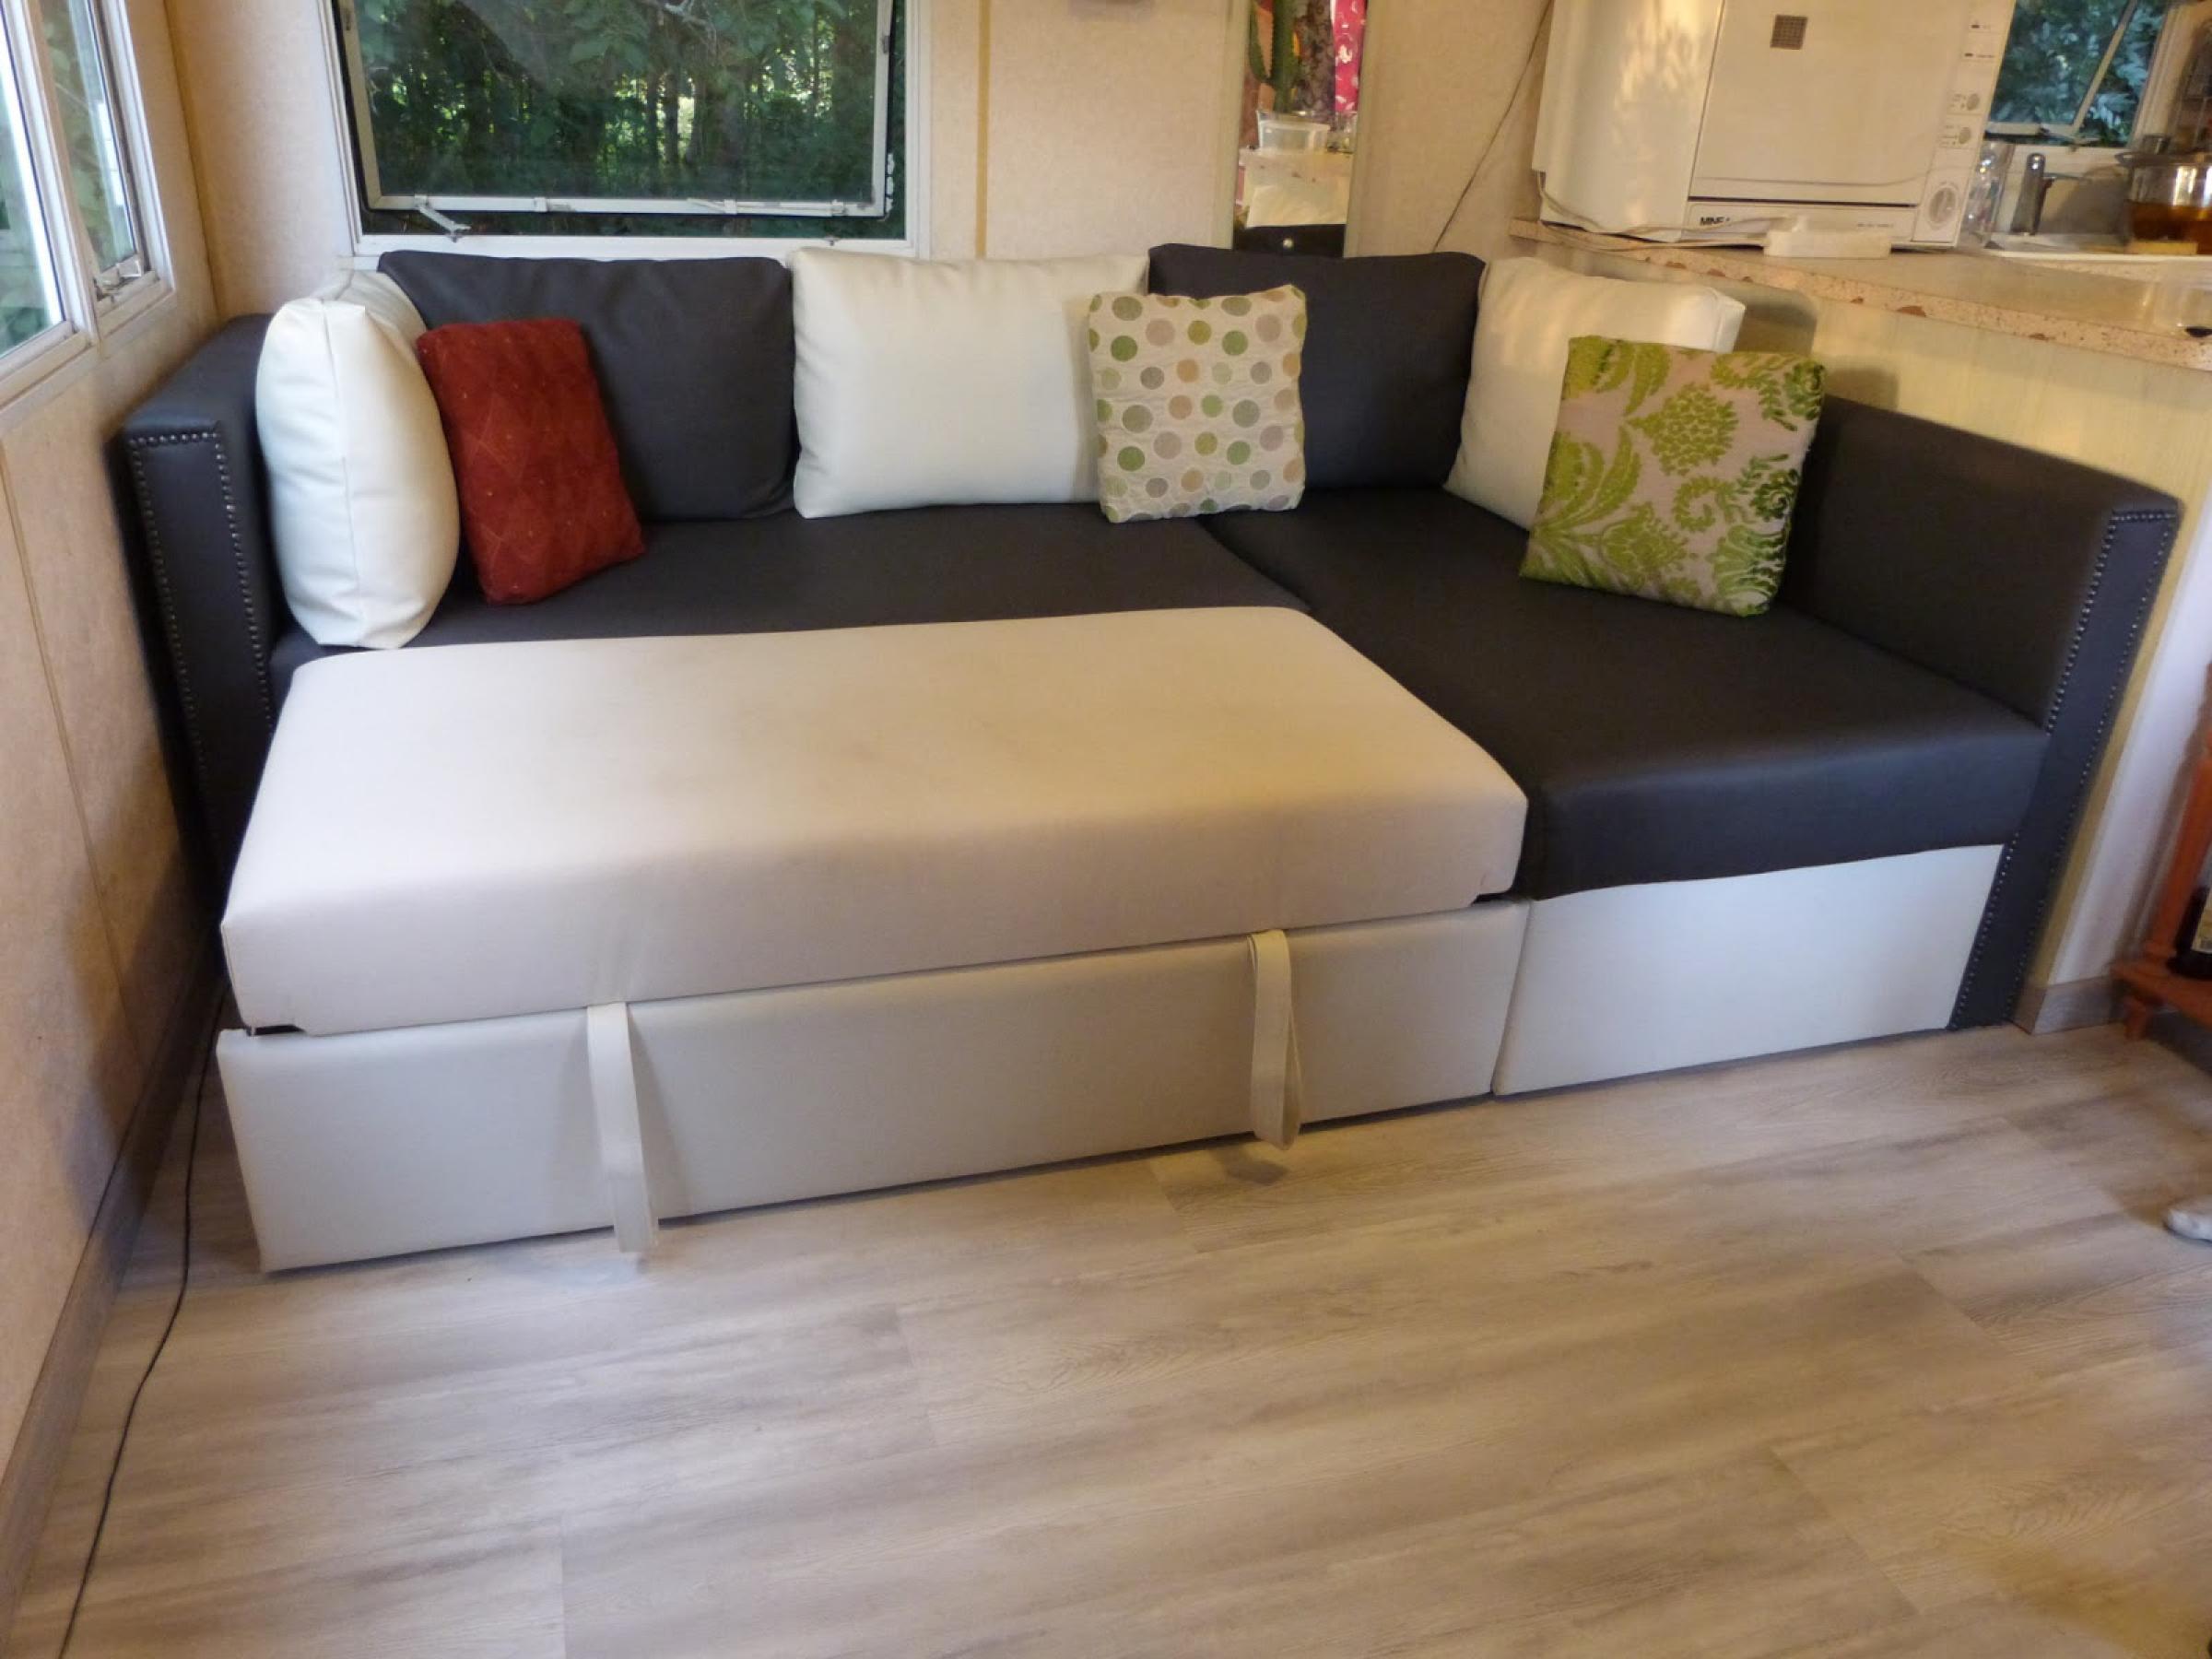 Canapé Ikea Convertible Angle Meilleur De Images Maison Du Monde Canape Convertible Great Affordable with Canap Lit